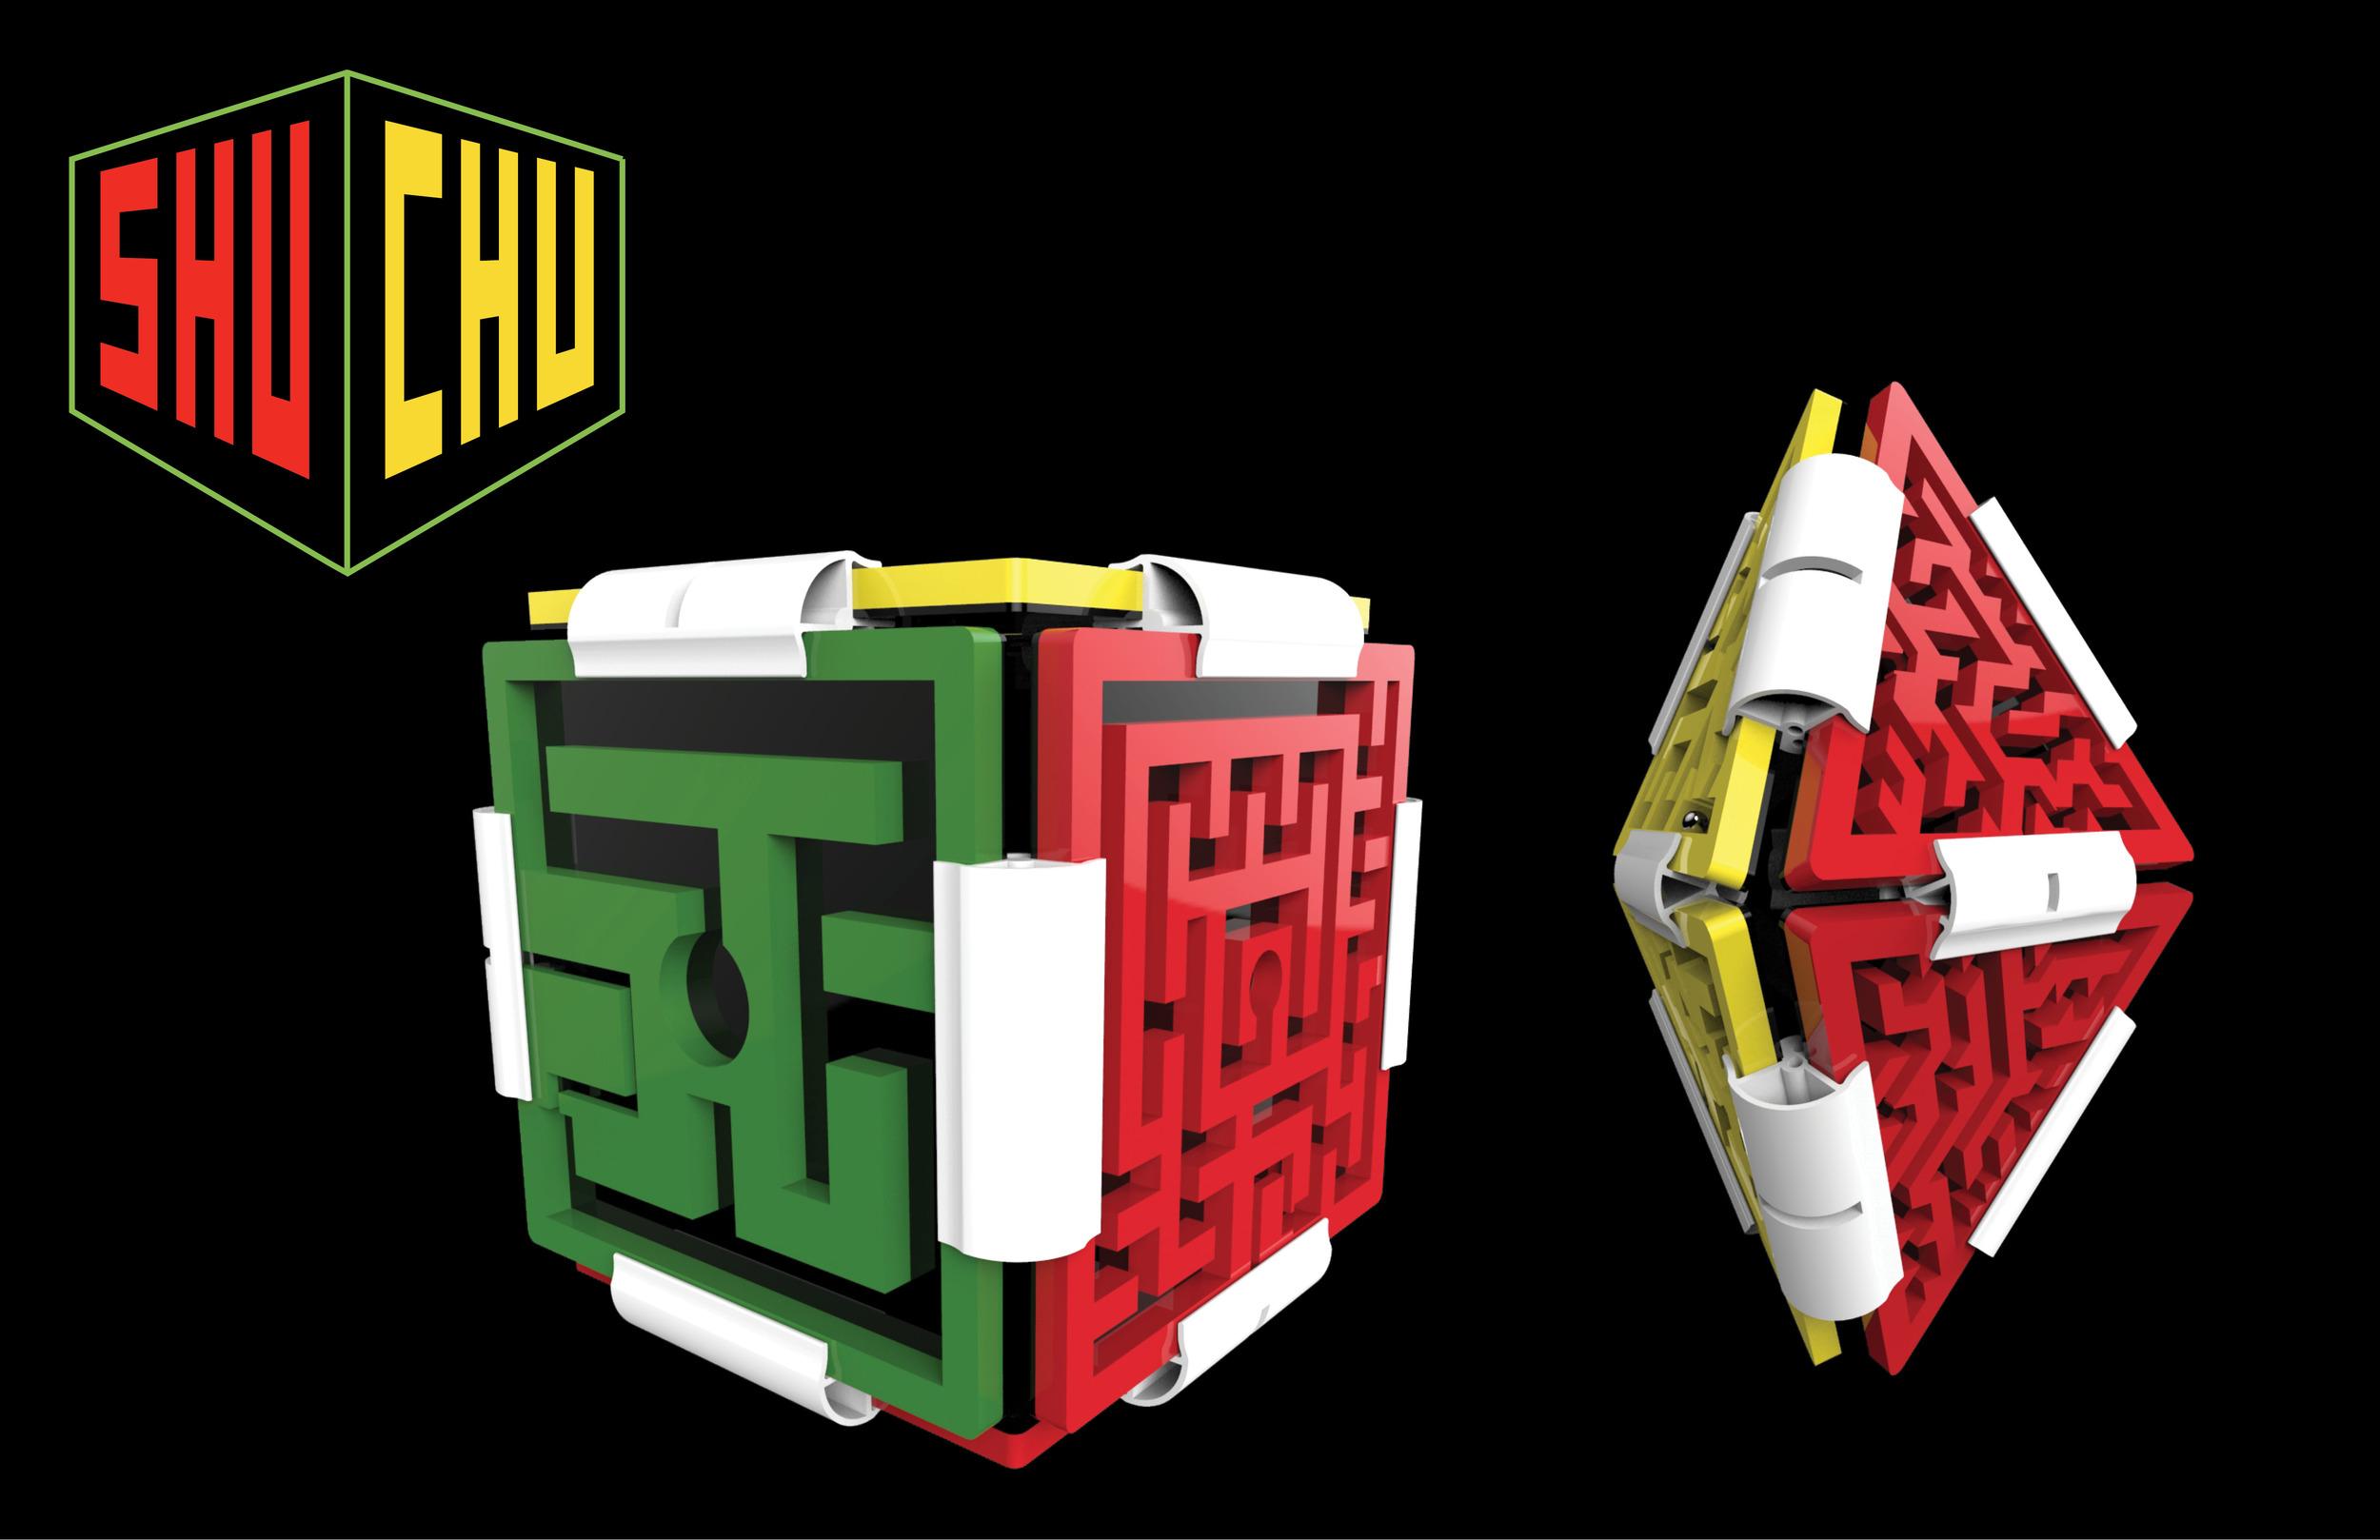 SHU-CHU Cover